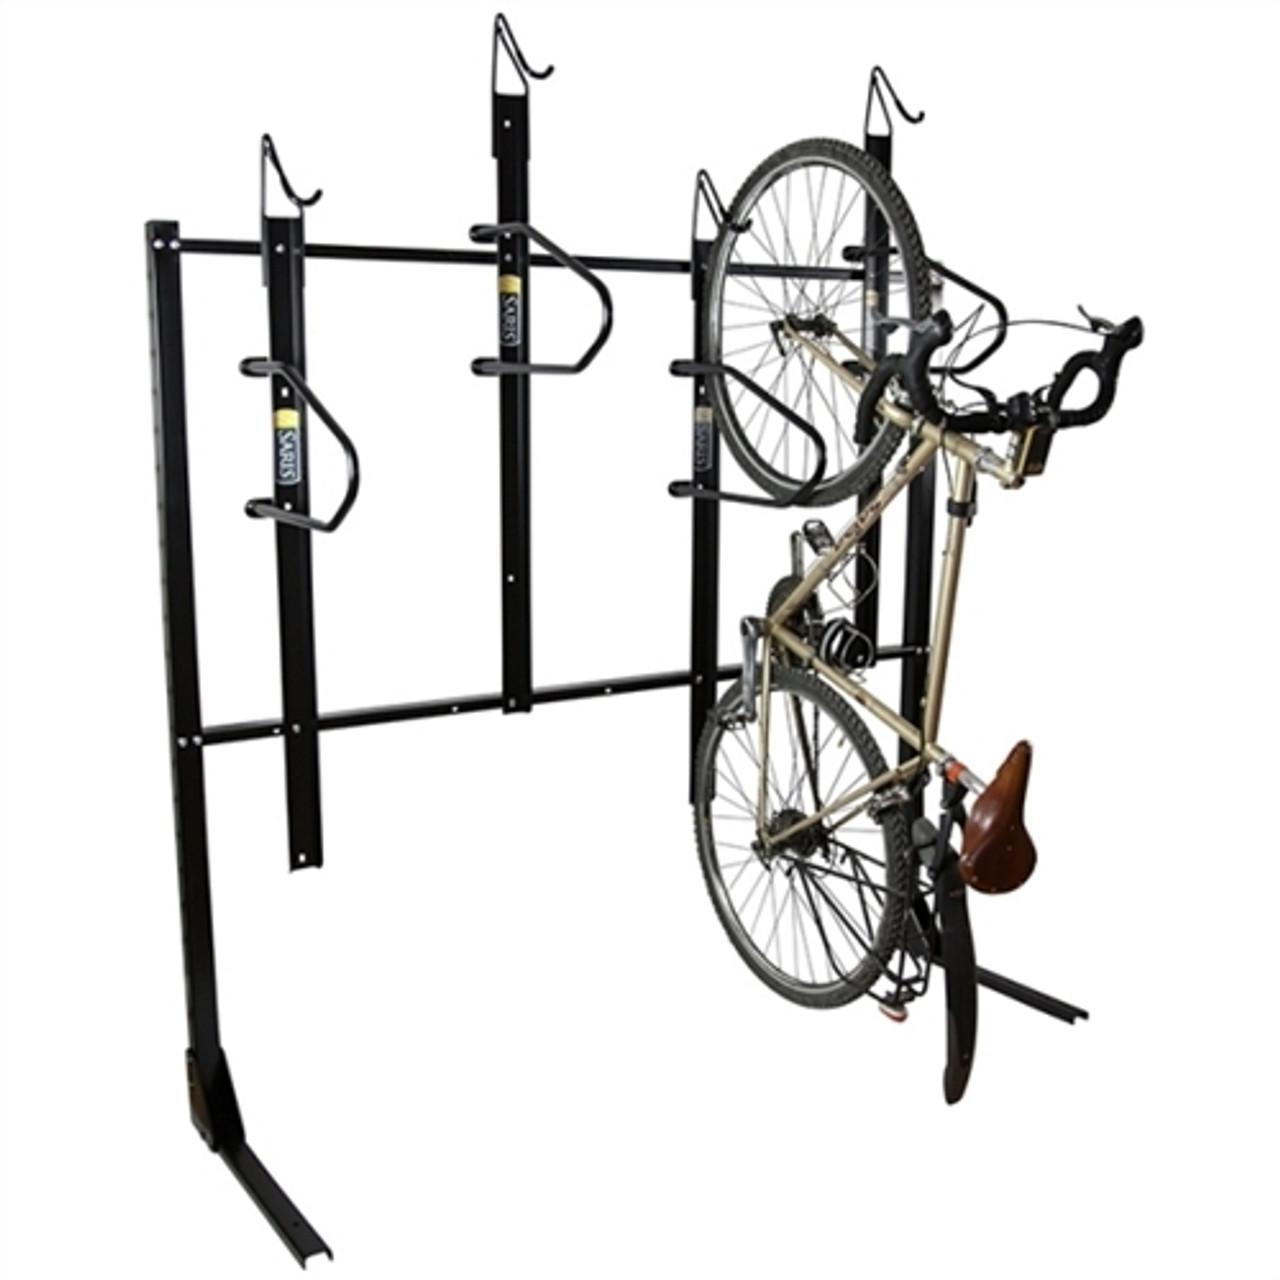 Wall Mount - 4 Bike Parking with Locking Bar